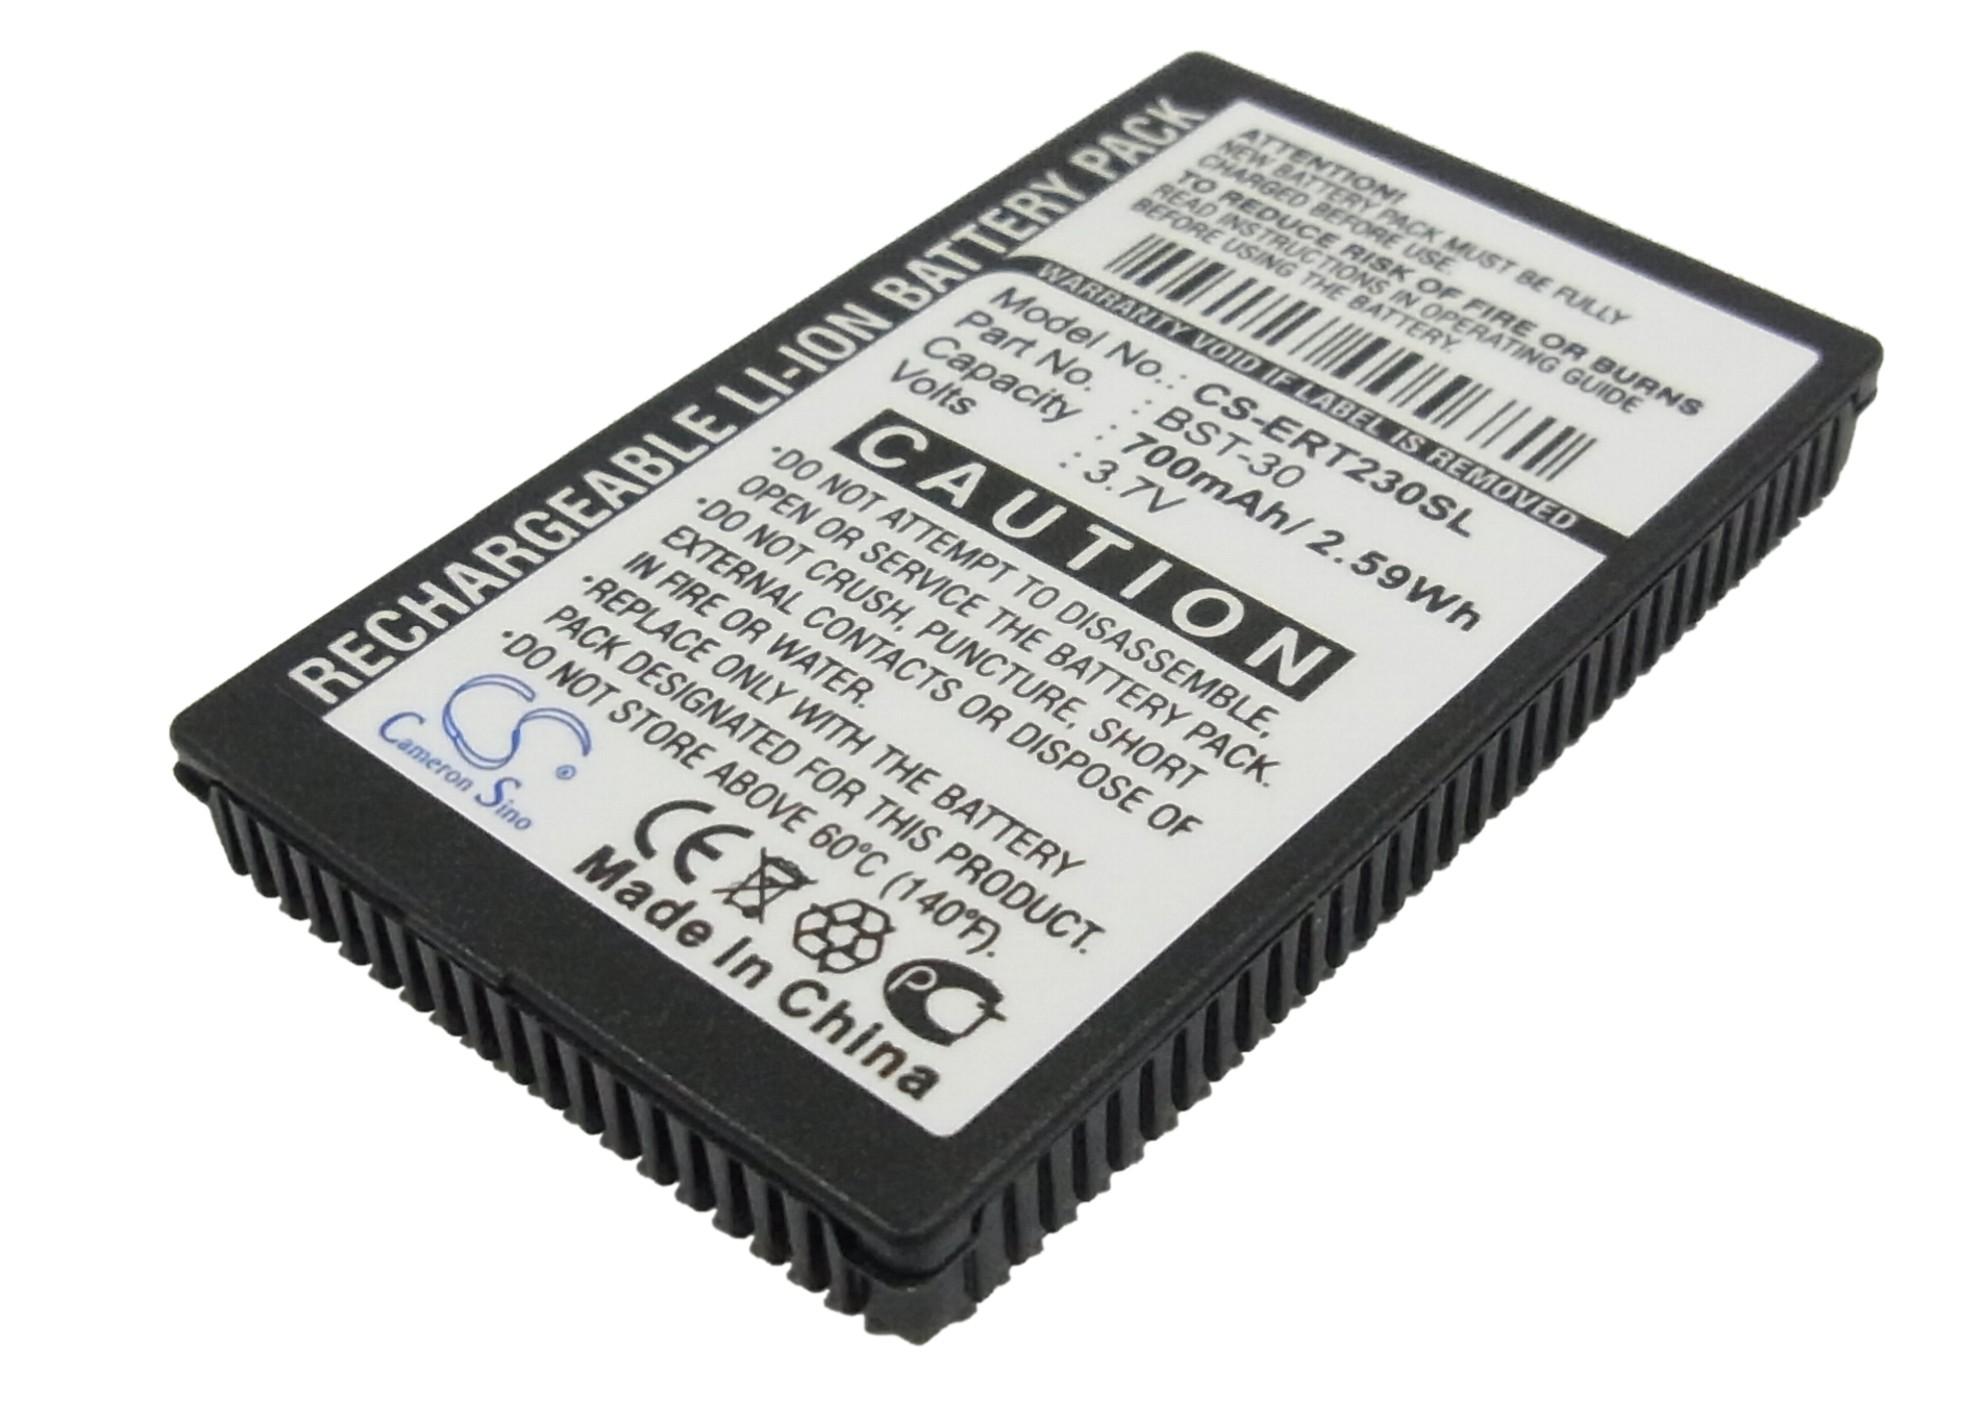 Cameron Sino baterie do mobilů pro SONY ERICSSON K300i 3.7V Li-ion 800mAh černá - neoriginální